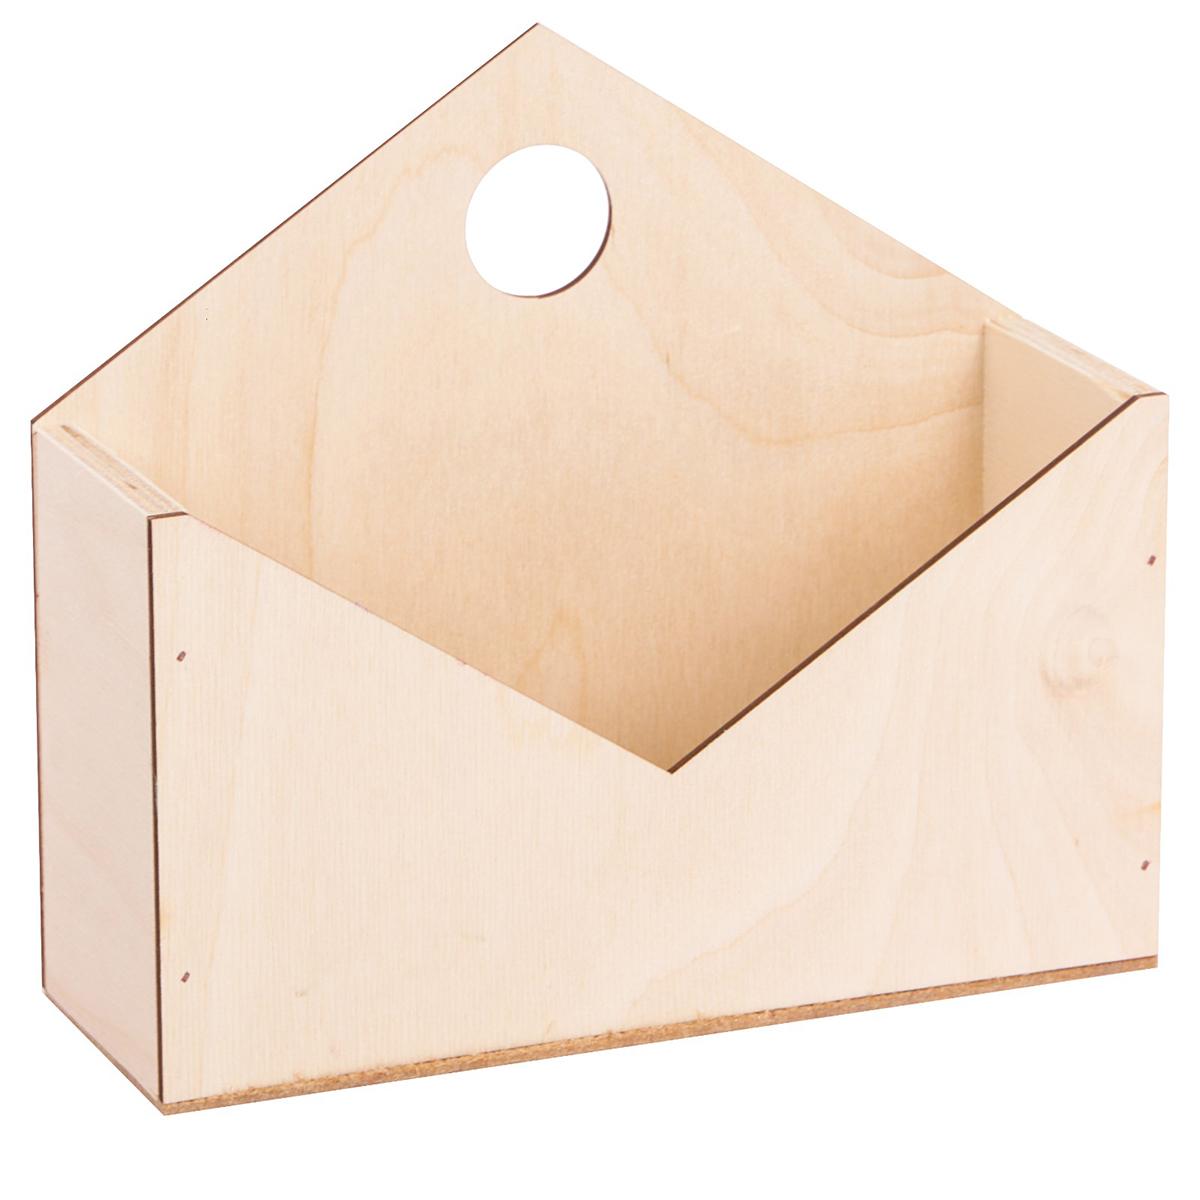 Ящик-конверт № 1, 20,5 х 18 х 6 см хочу продать свою квартиру которая менее 3х лет и другую какие налоги надо заплатить